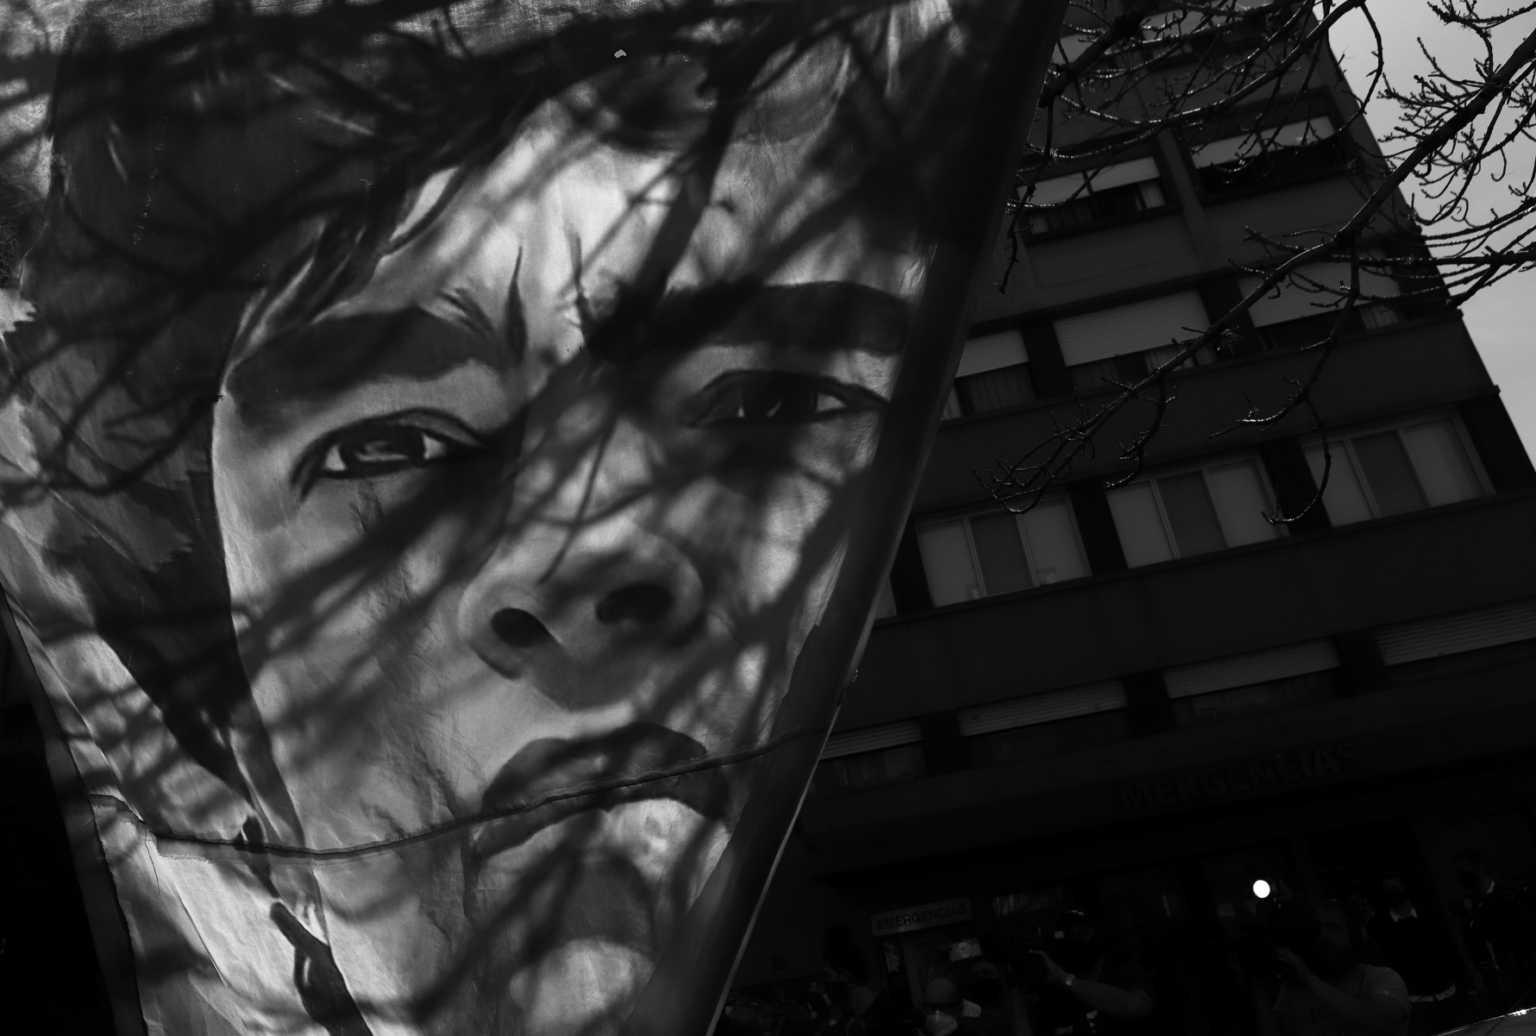 Ντιέγκο Μαραντόνα – Συγκλονιστικός Λίνεκερ: Ο καλύτερος όλων θα αναπαυθεί στα χέρια του Θεού!